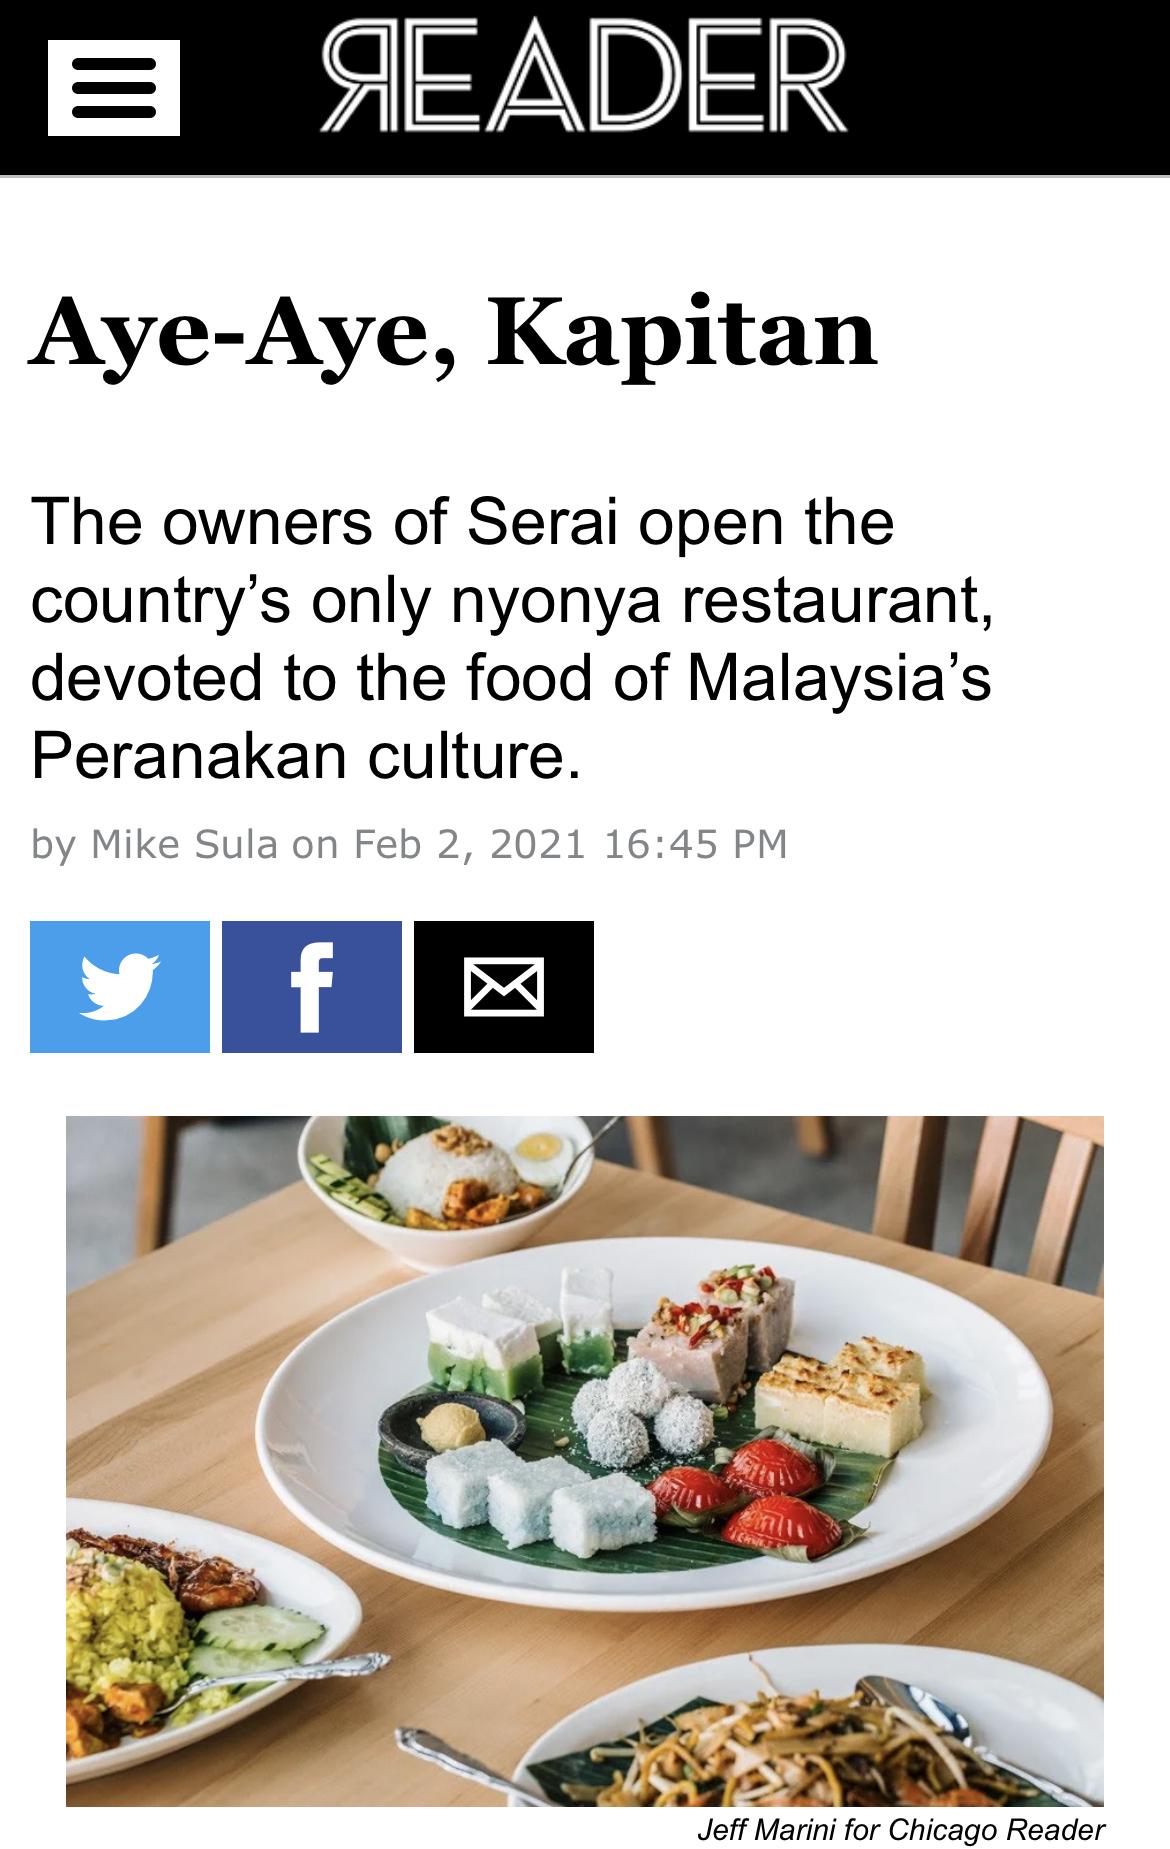 Aye-Aye, Kapitan